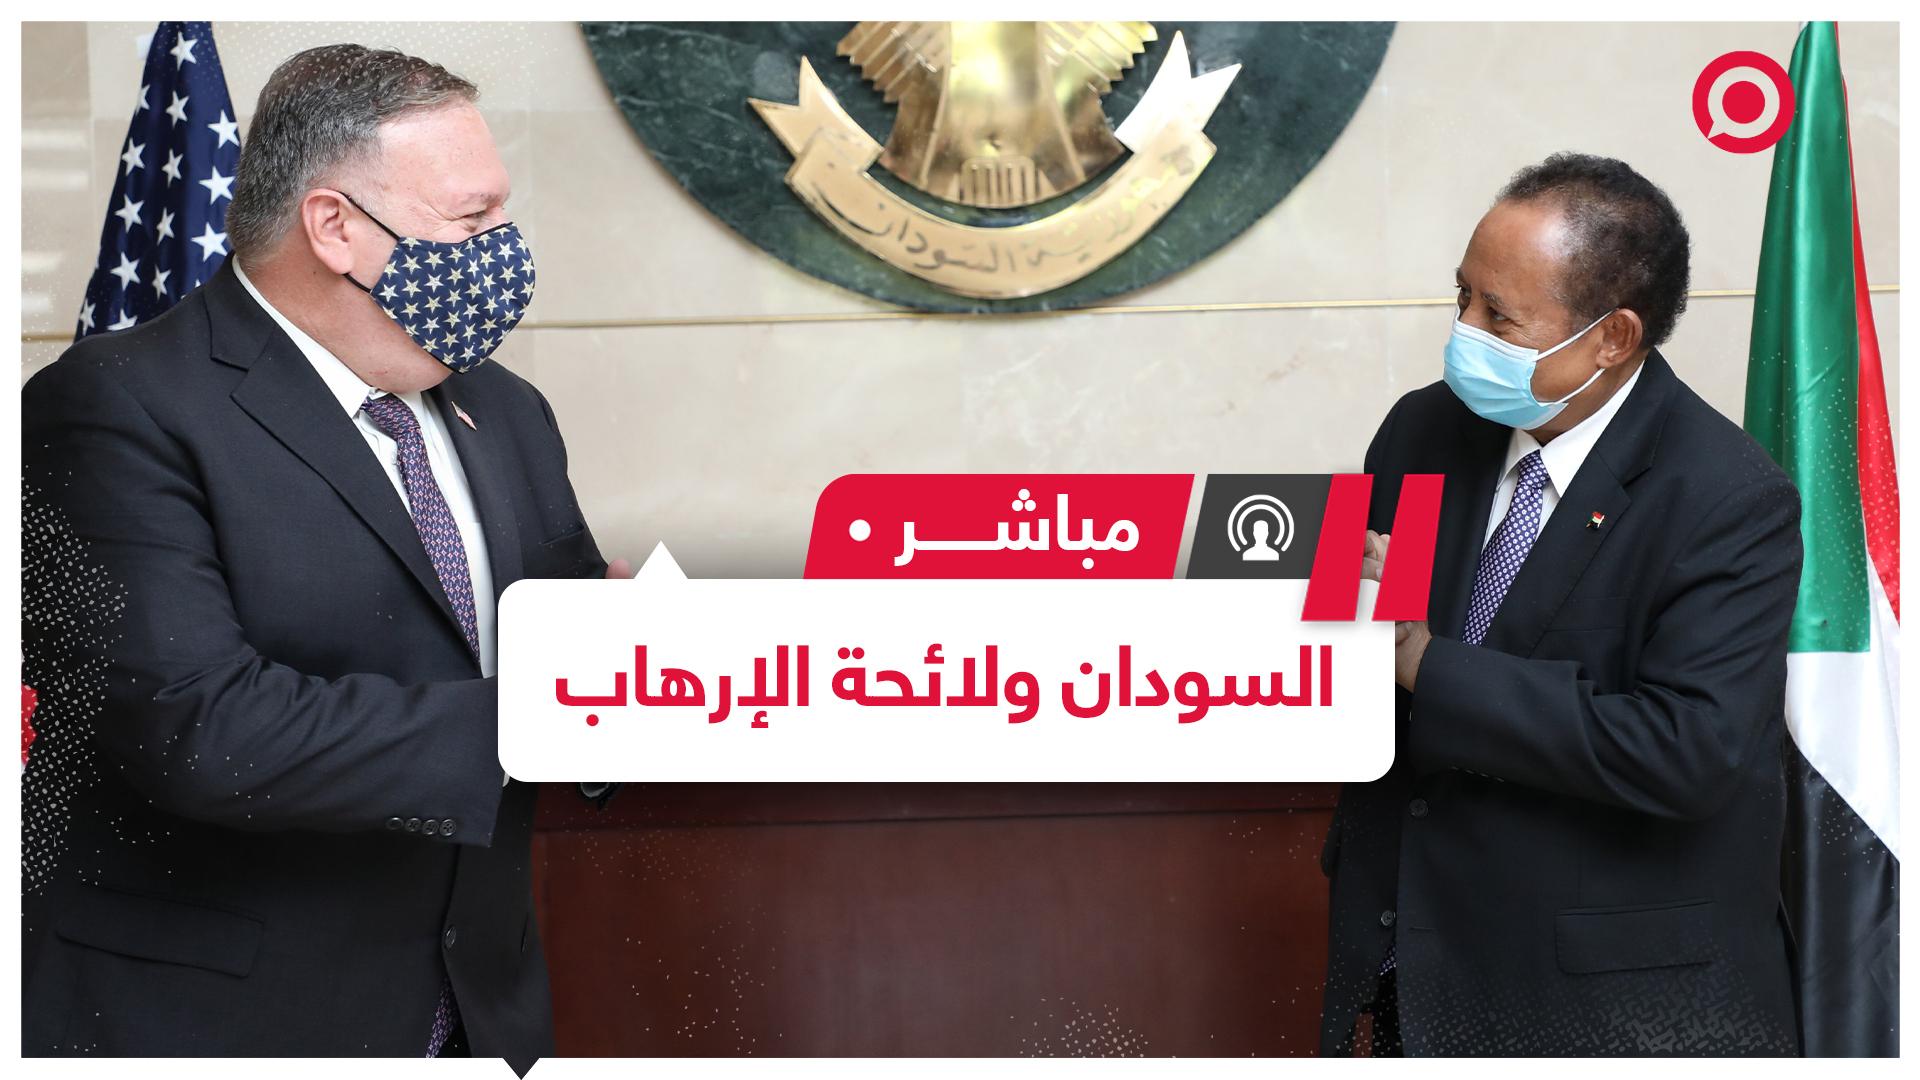 هل من مقابل لإزالة السودان من قائمة الدول الراعية للإرهاب؟